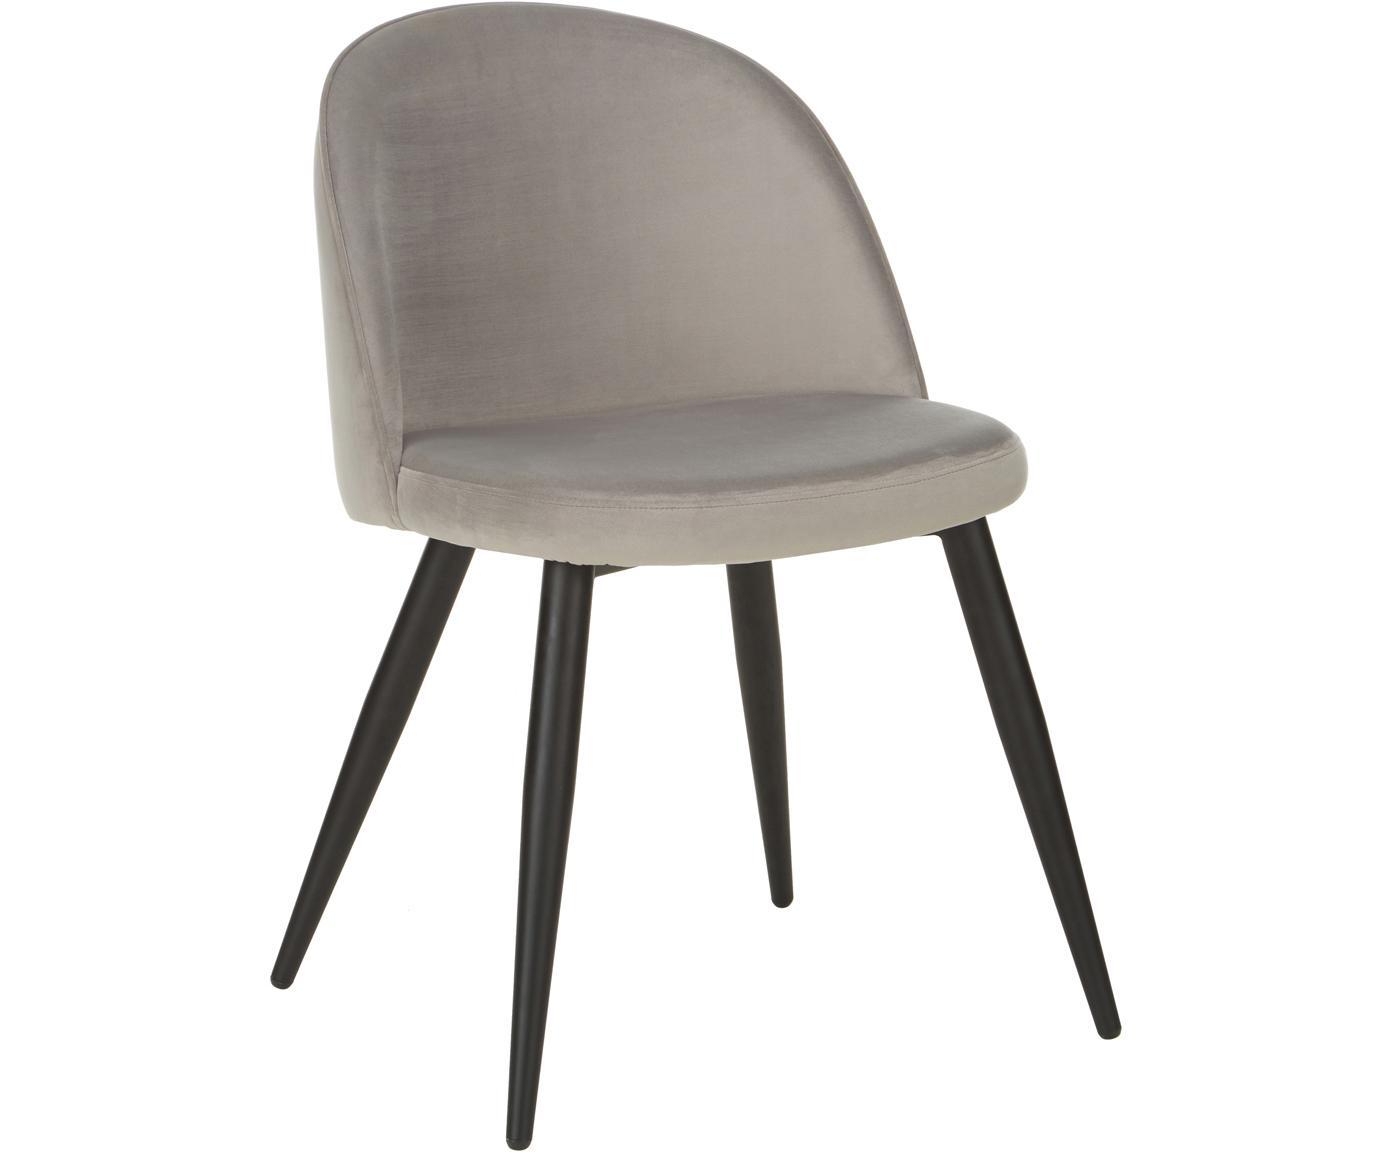 Moderne Samt-Polsterstühle Amy, 2 Stück, Bezug: Samt (Polyester) 25.000 S, Beine: Metall, pulverbeschichtet, Grau, B 51 x T 55 cm